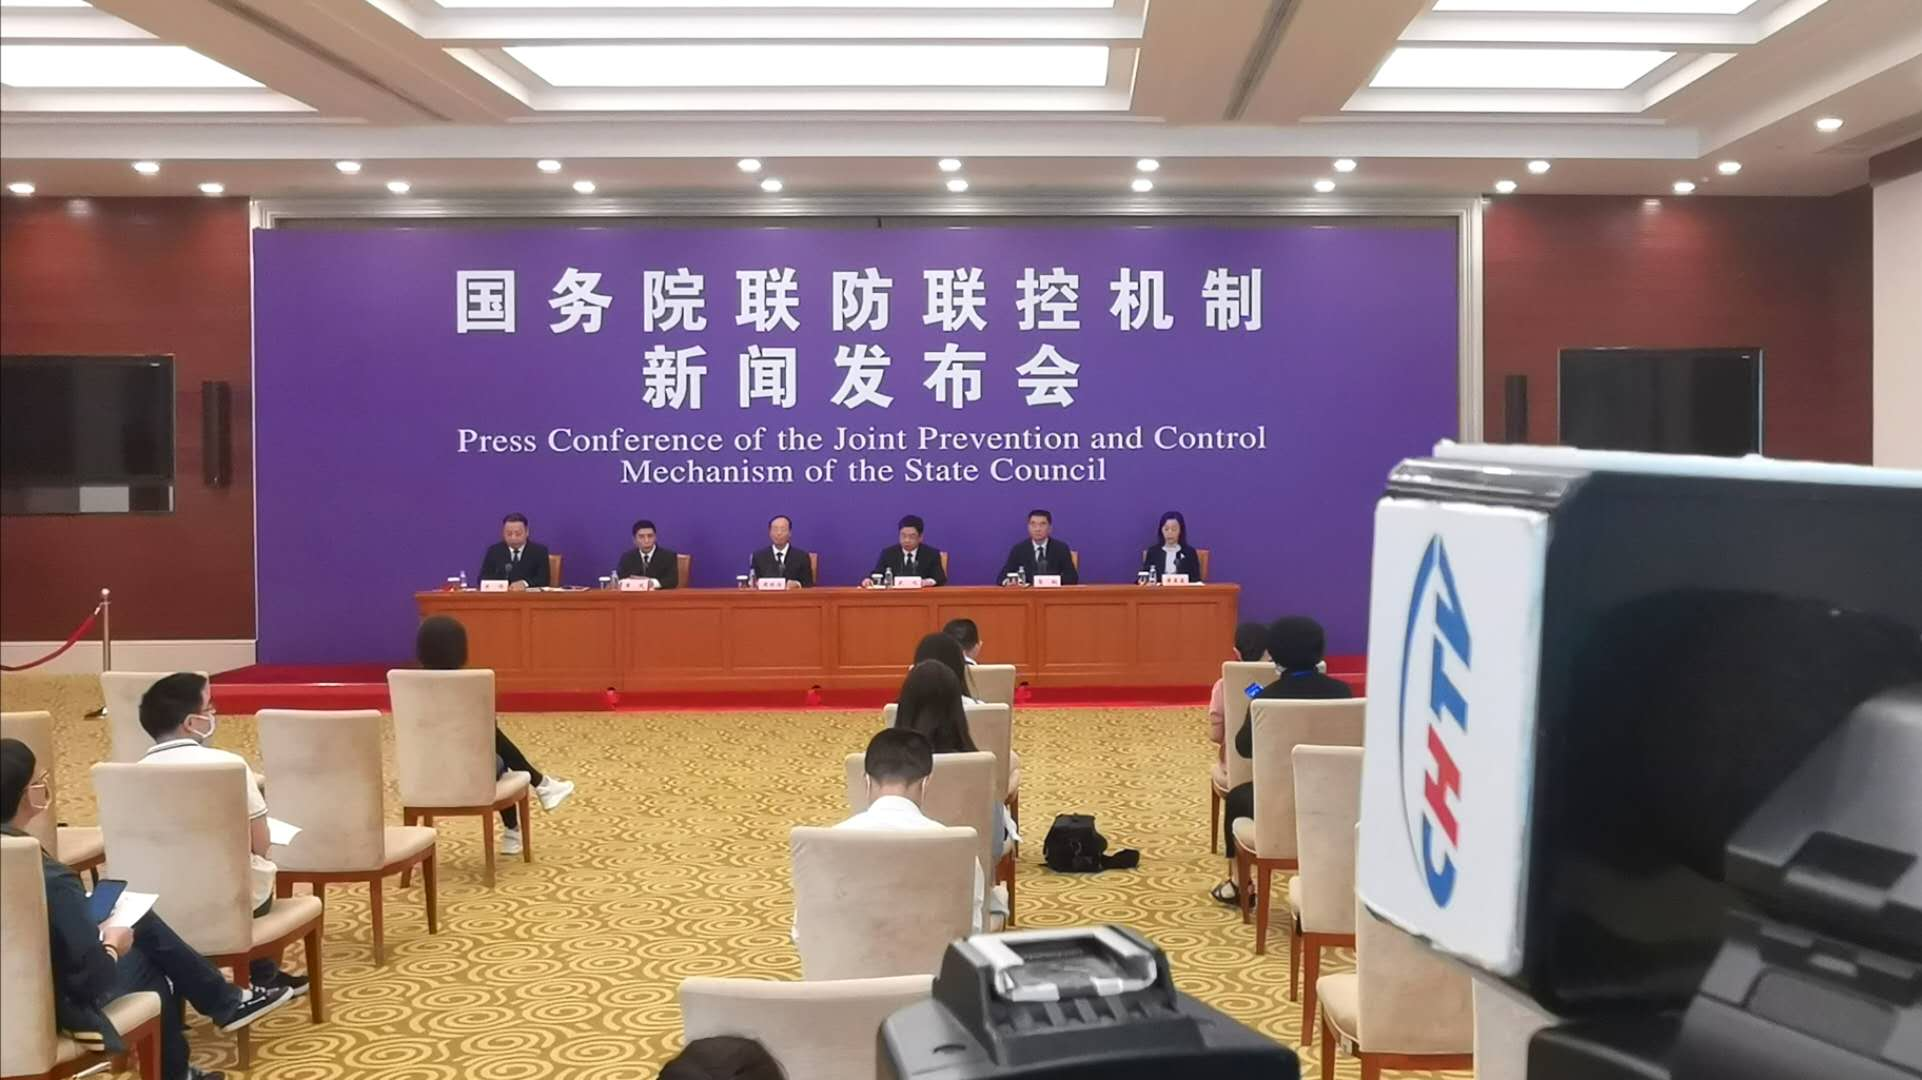 国务院联防联控机制就江苏省疫情防控工作举行发布会